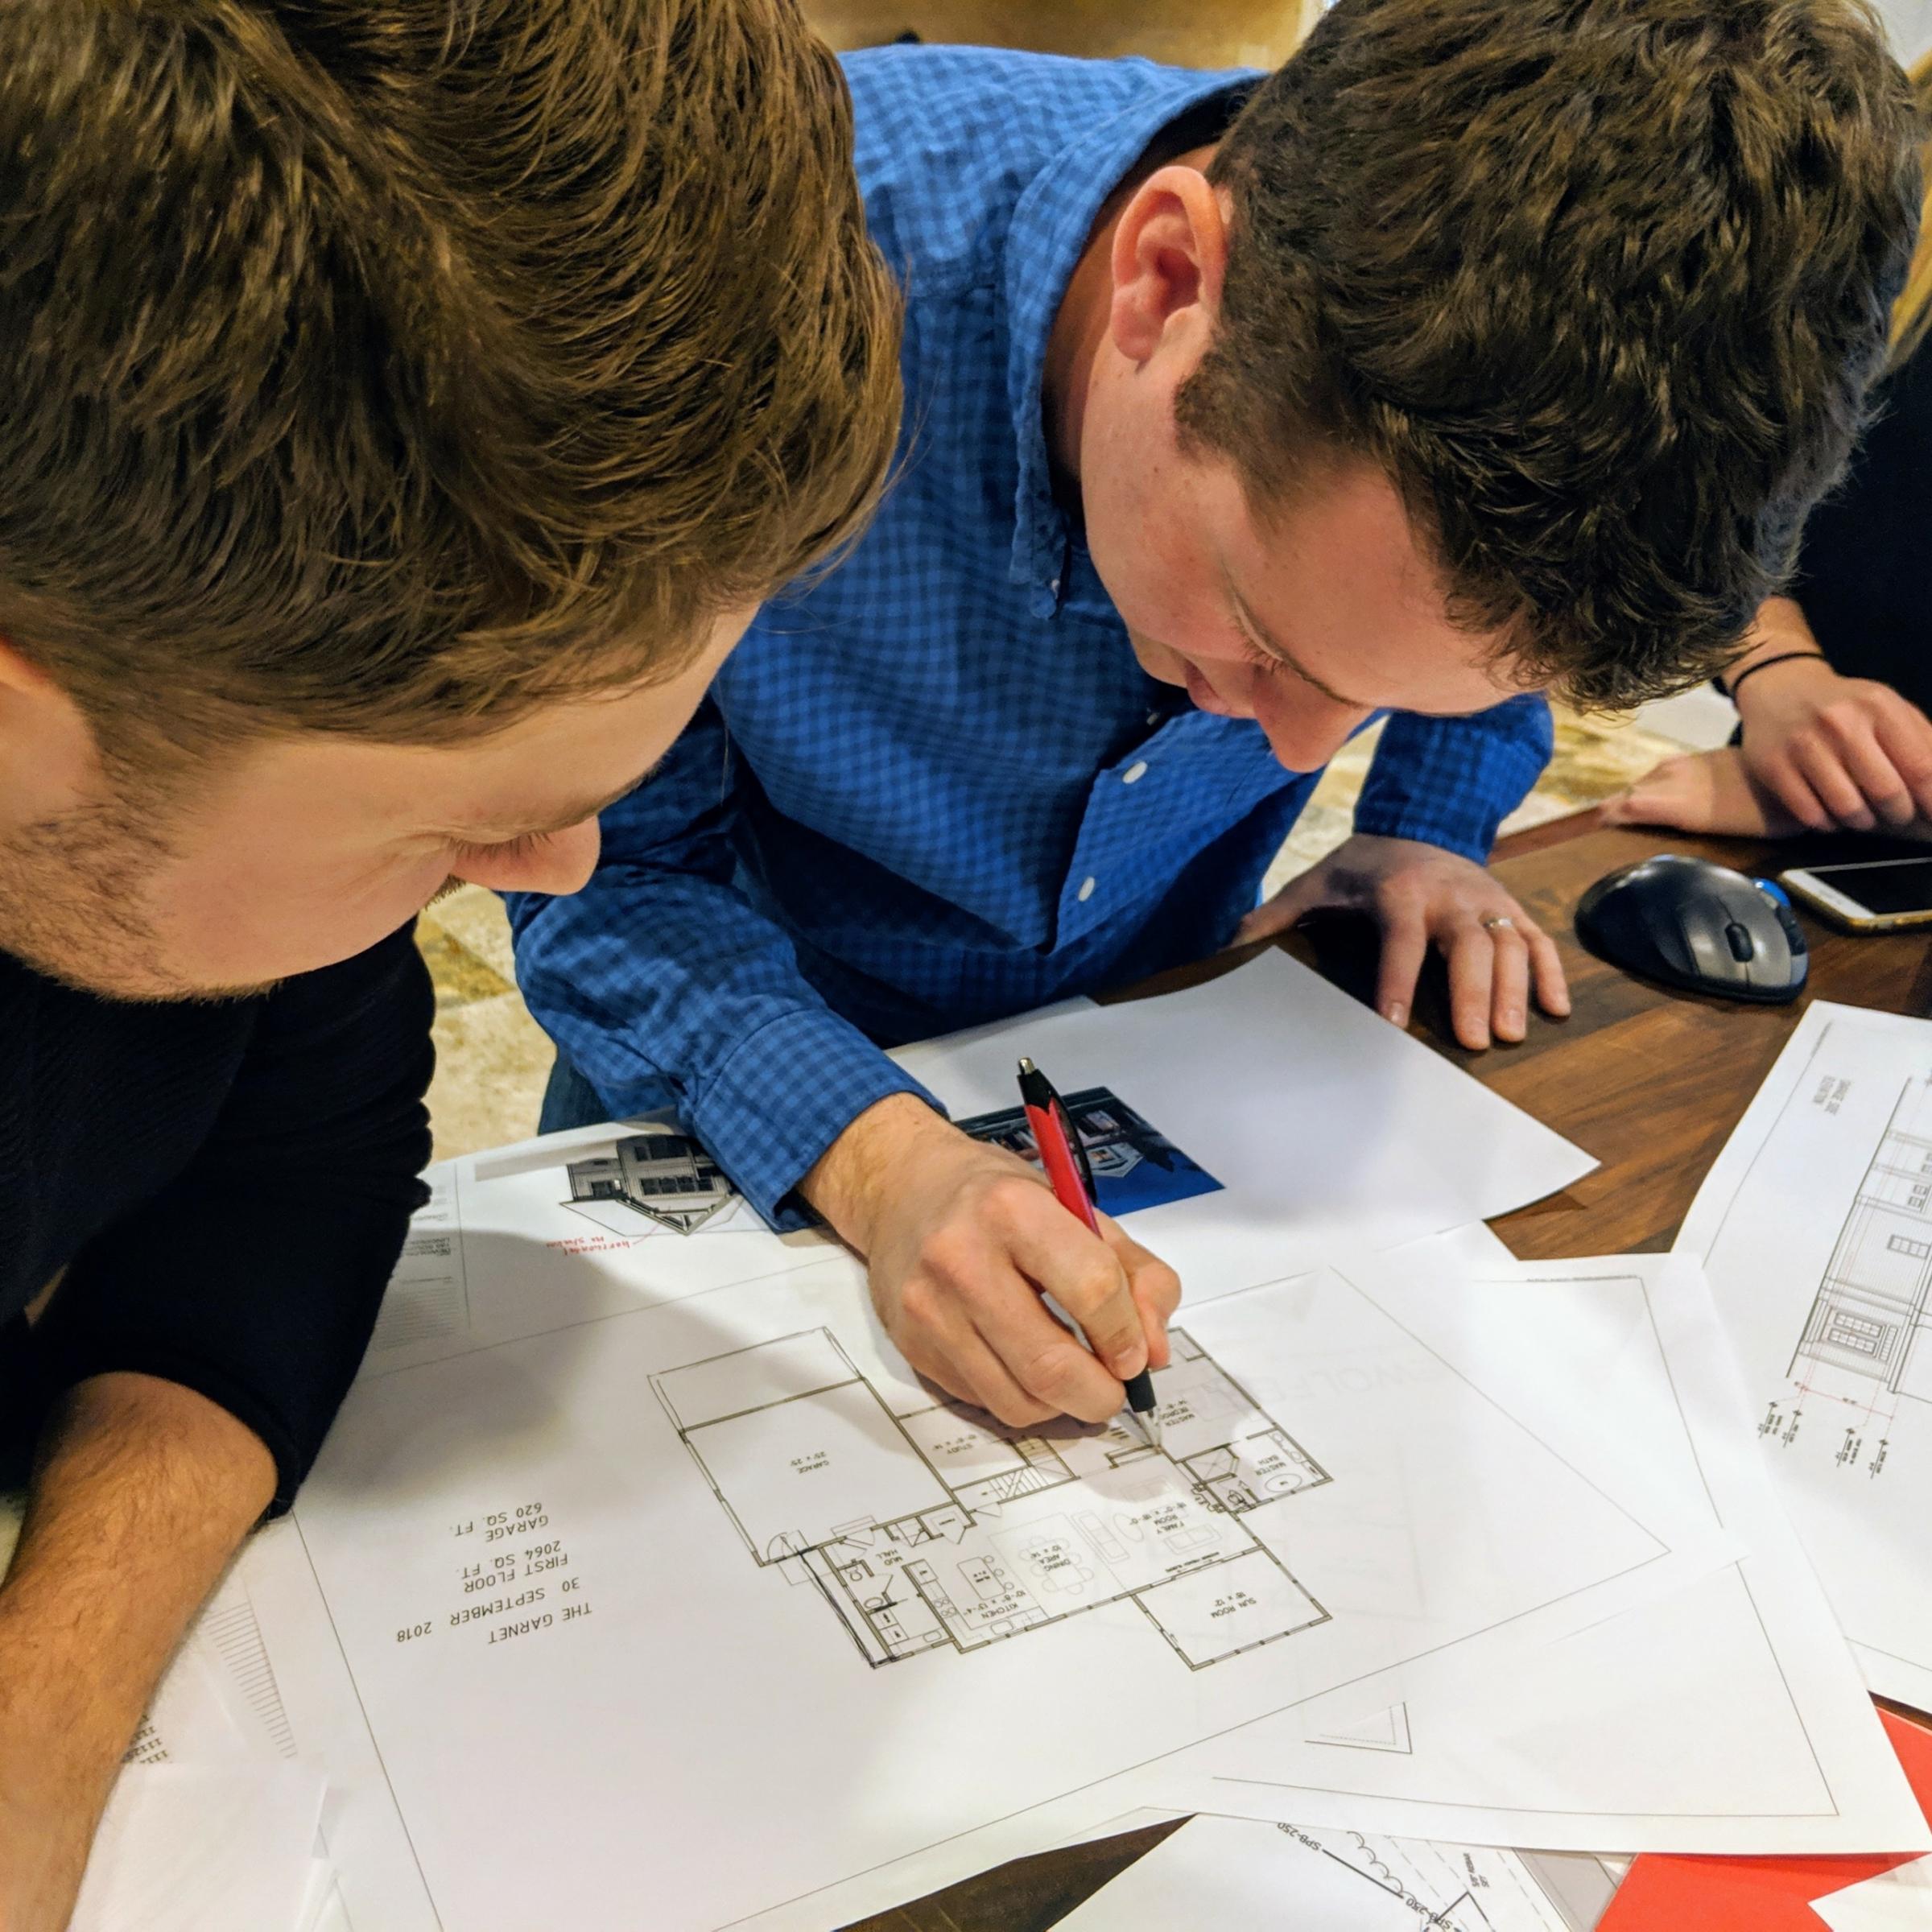 Client Services Architectural Design